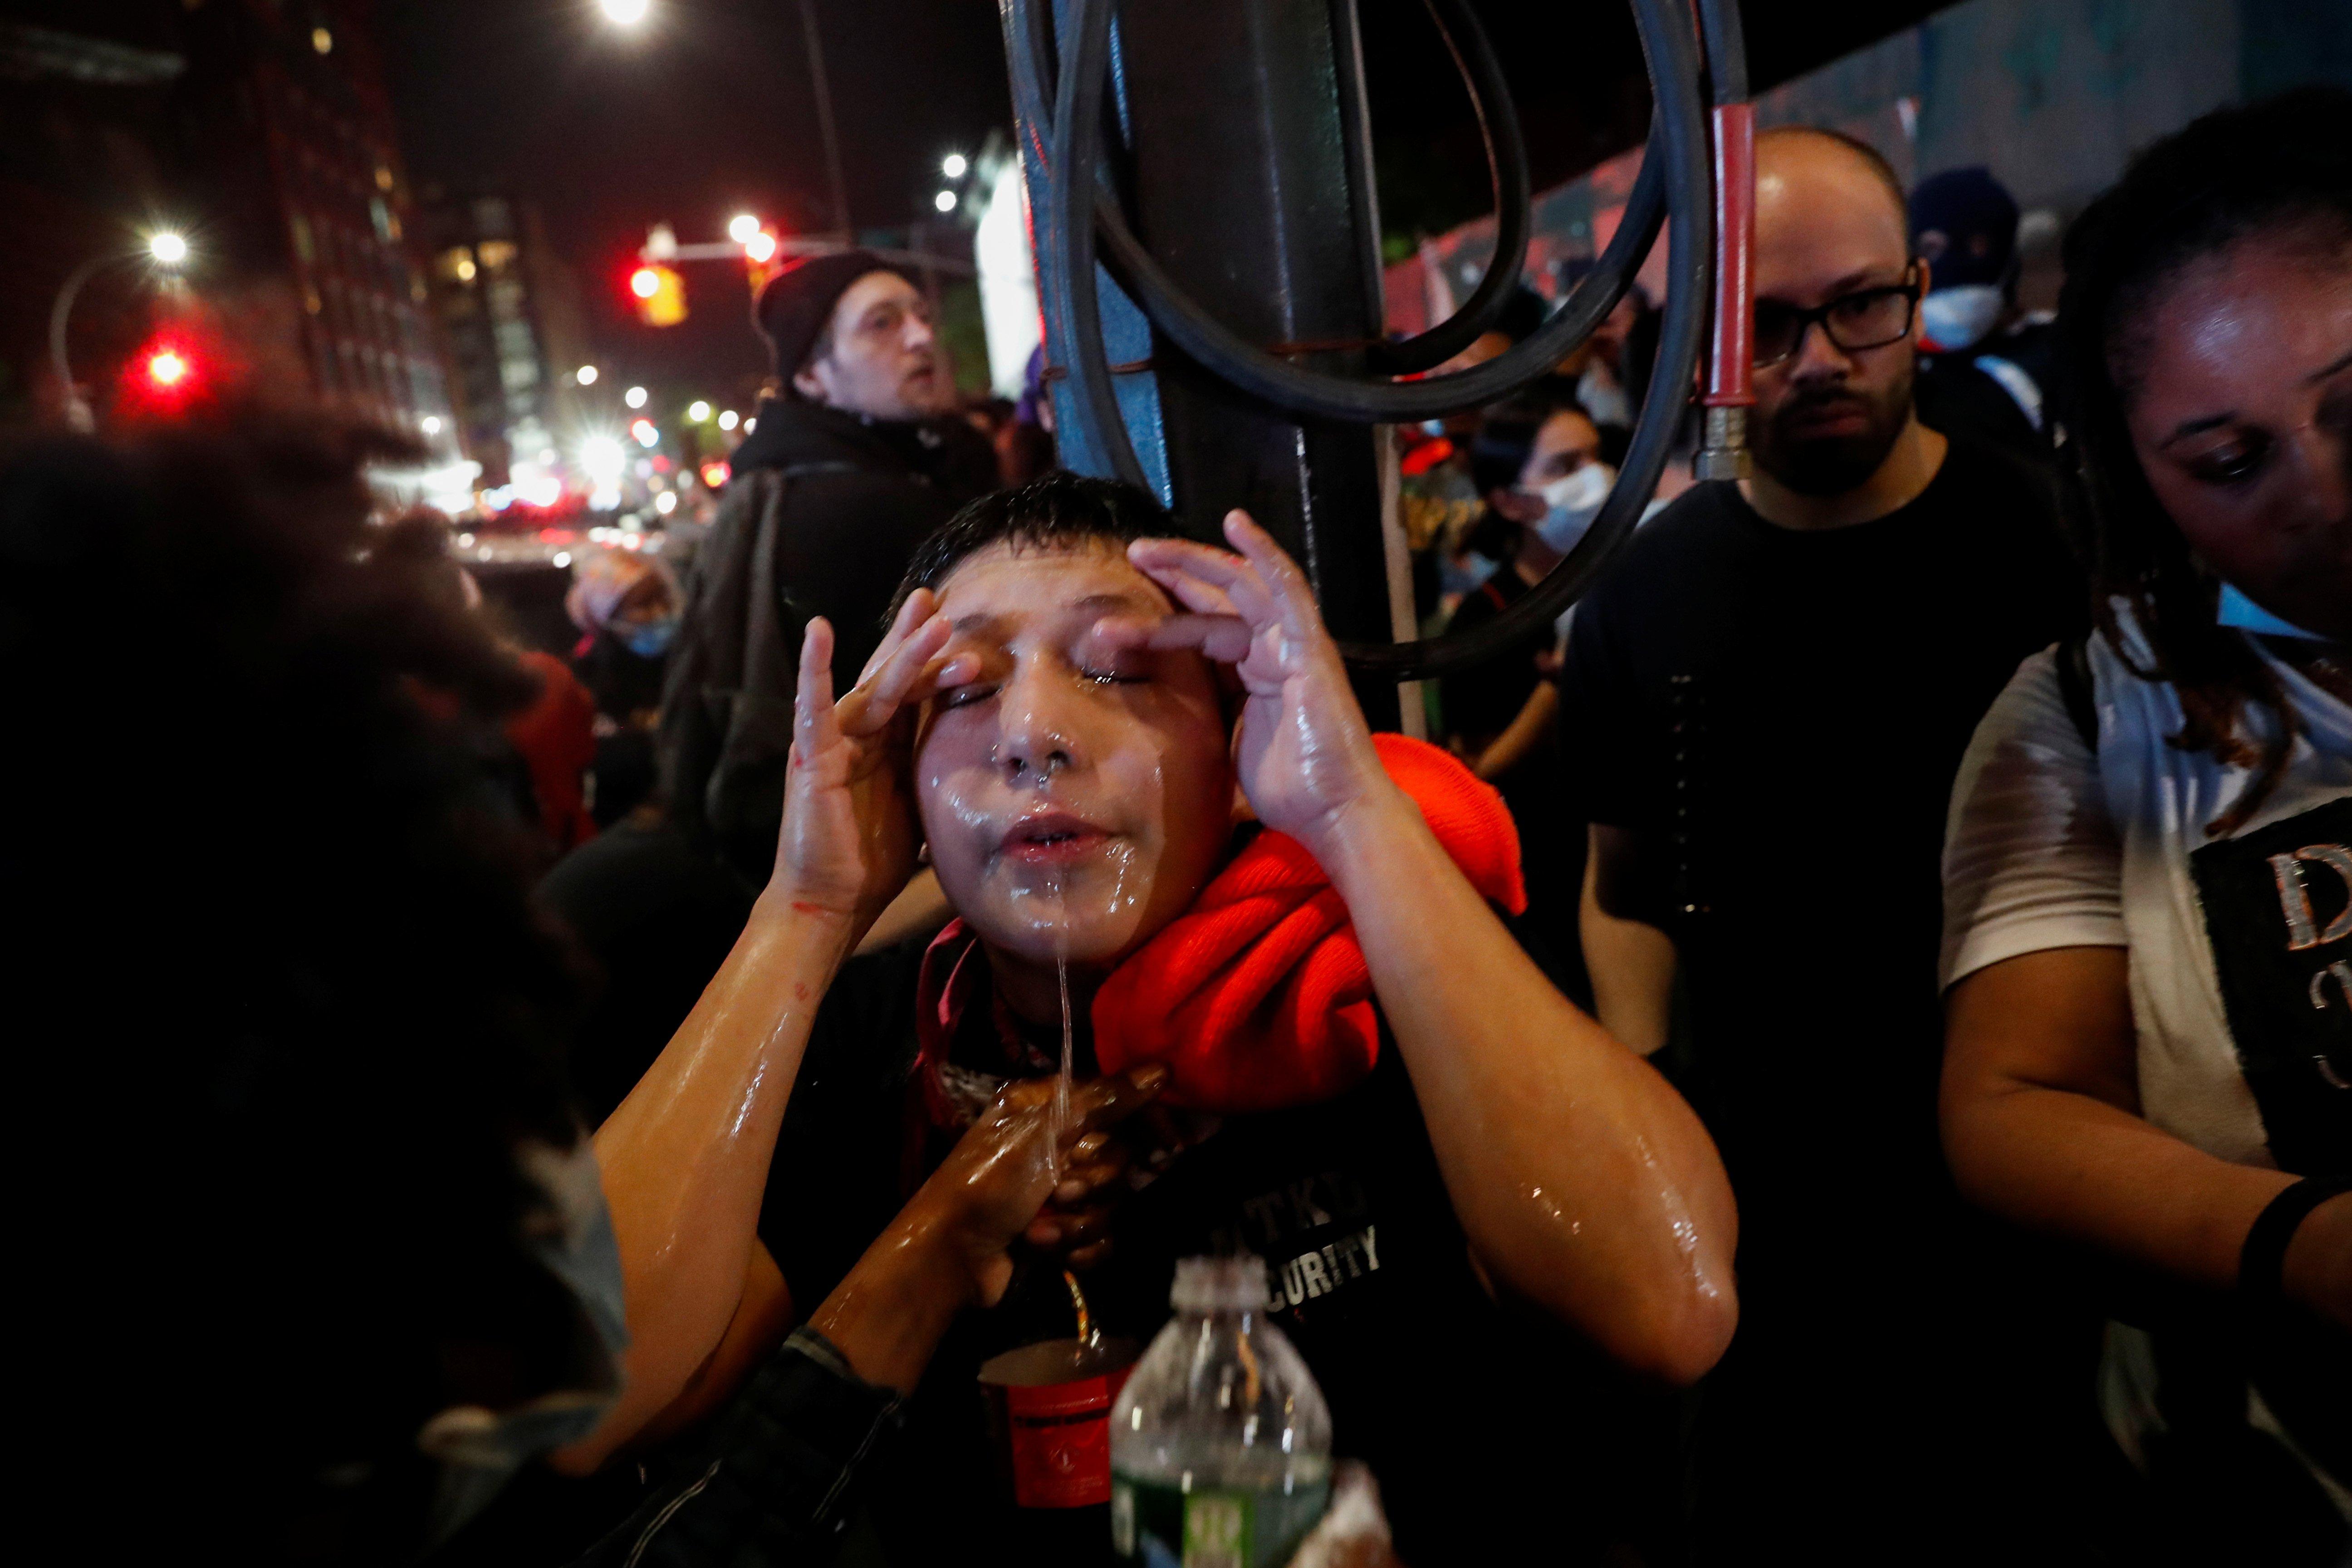 Una manifestante trata de reducir el efecto de los gases lacrimógenos con un lavado de cara en una manifestación que se realizó este viernes por la noche en Brooklyn, Nueva York (REUTERS/Shannon Stapleton)